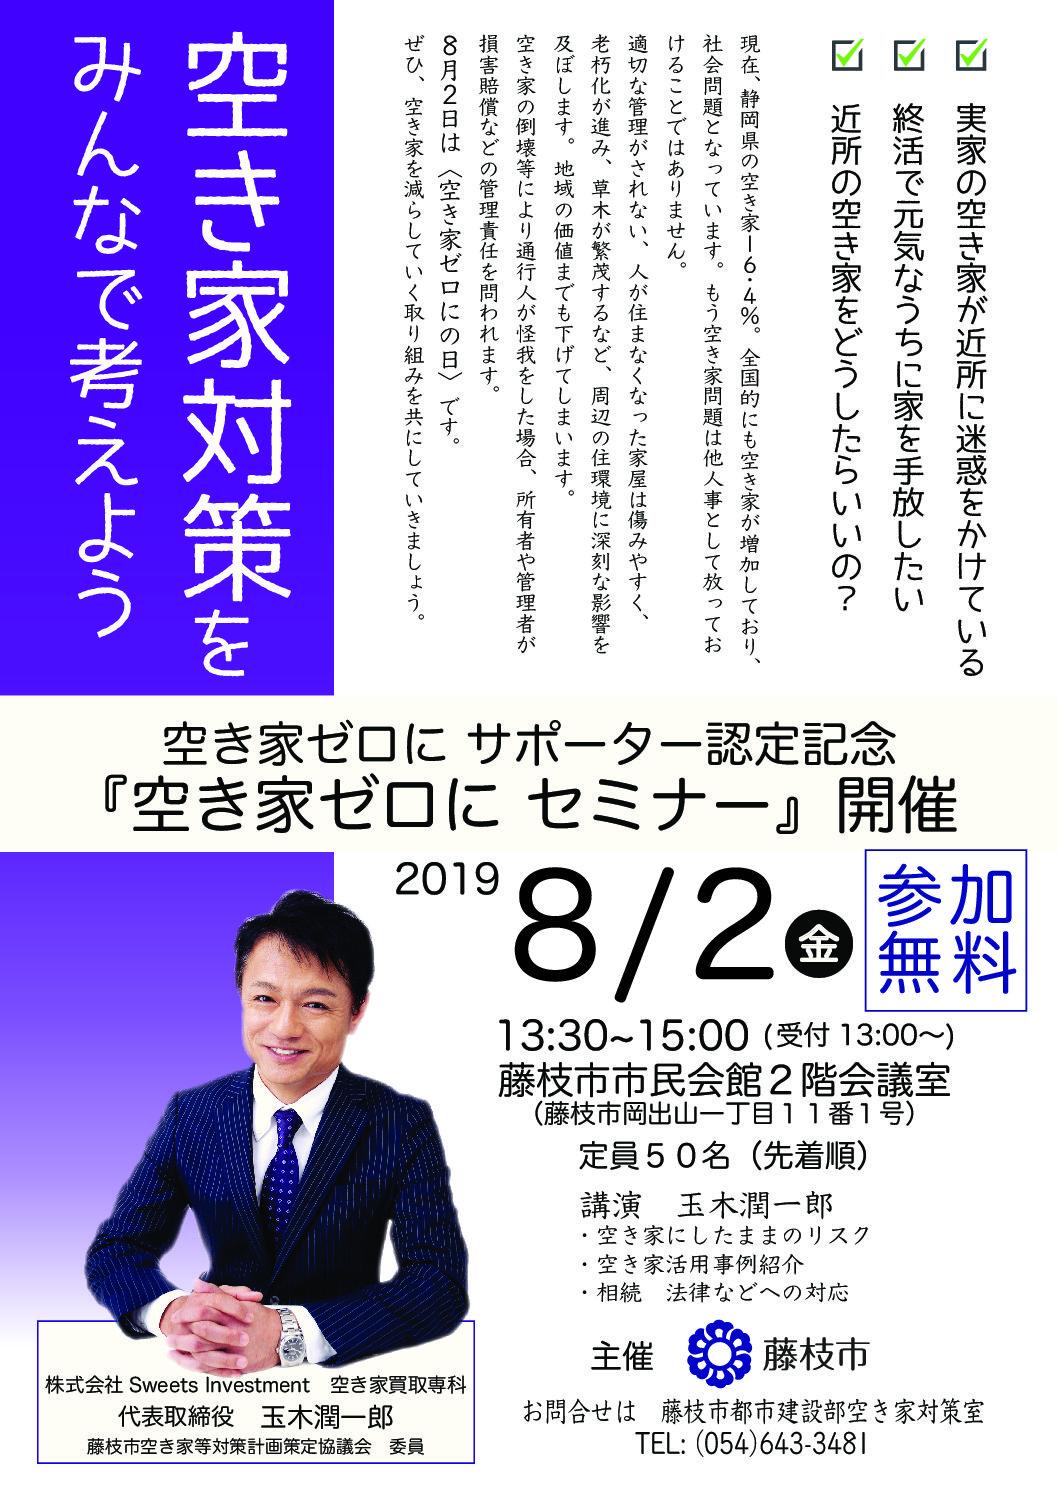 8月2日空き家ゼロにセミナー開催します